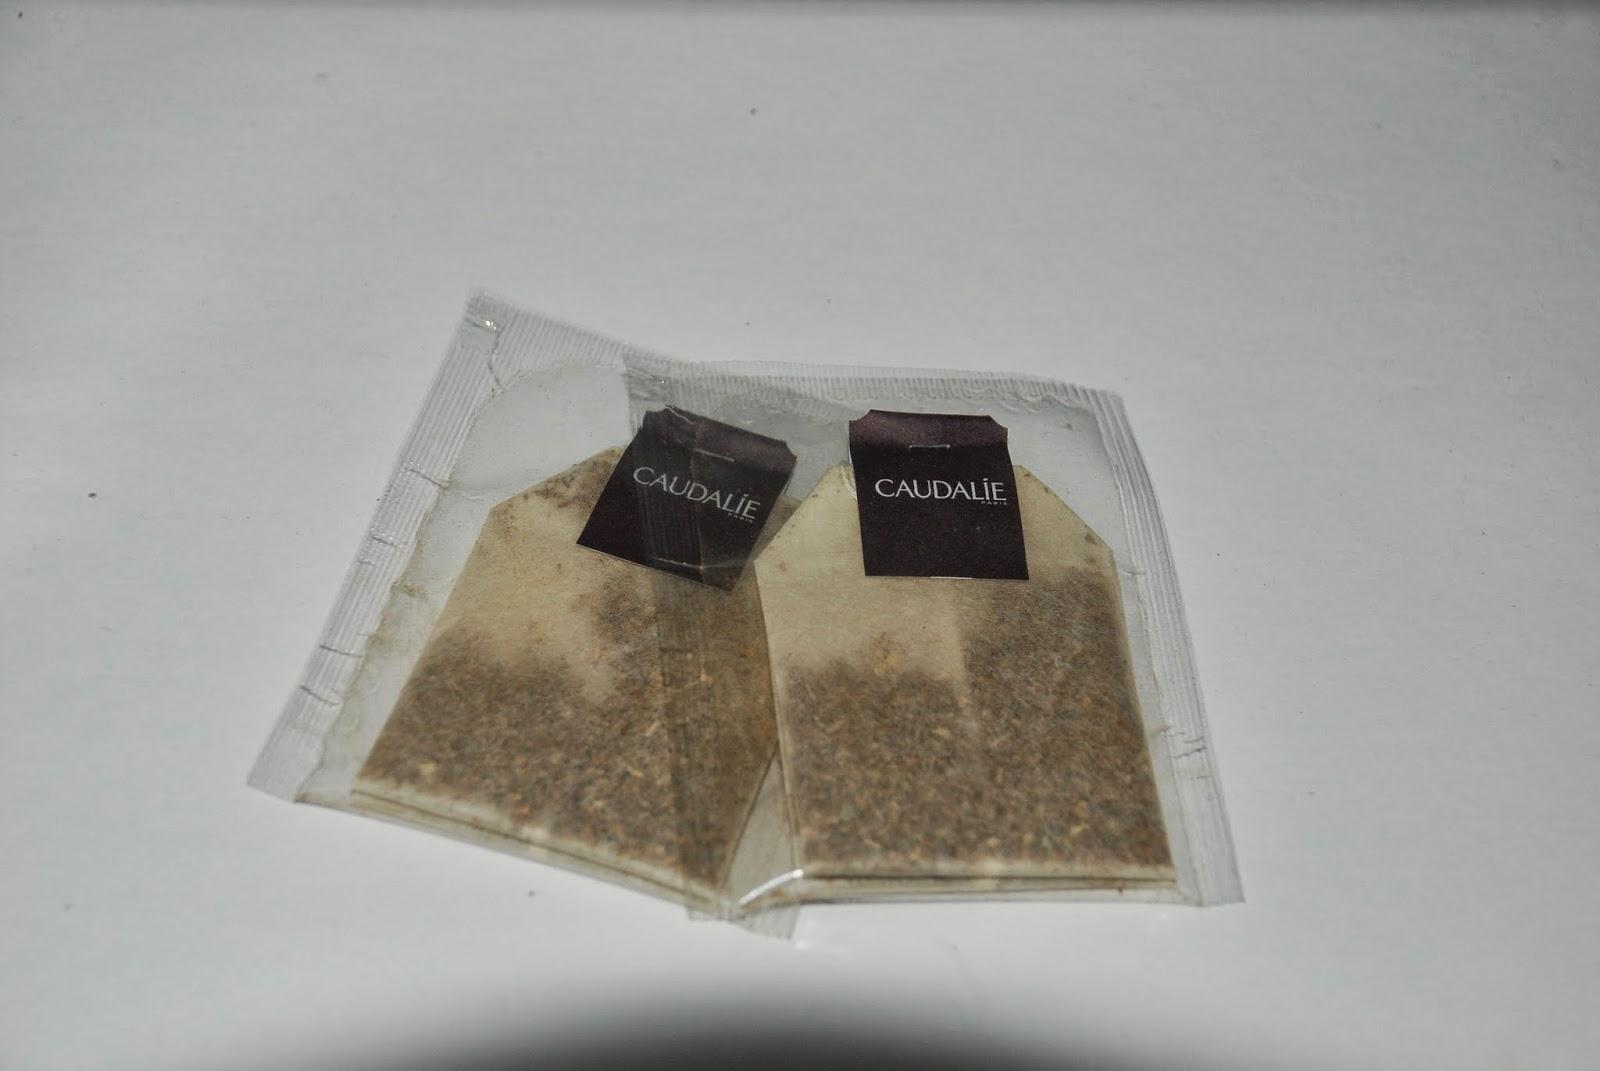 дренажный чай для похудения купить в аптеке